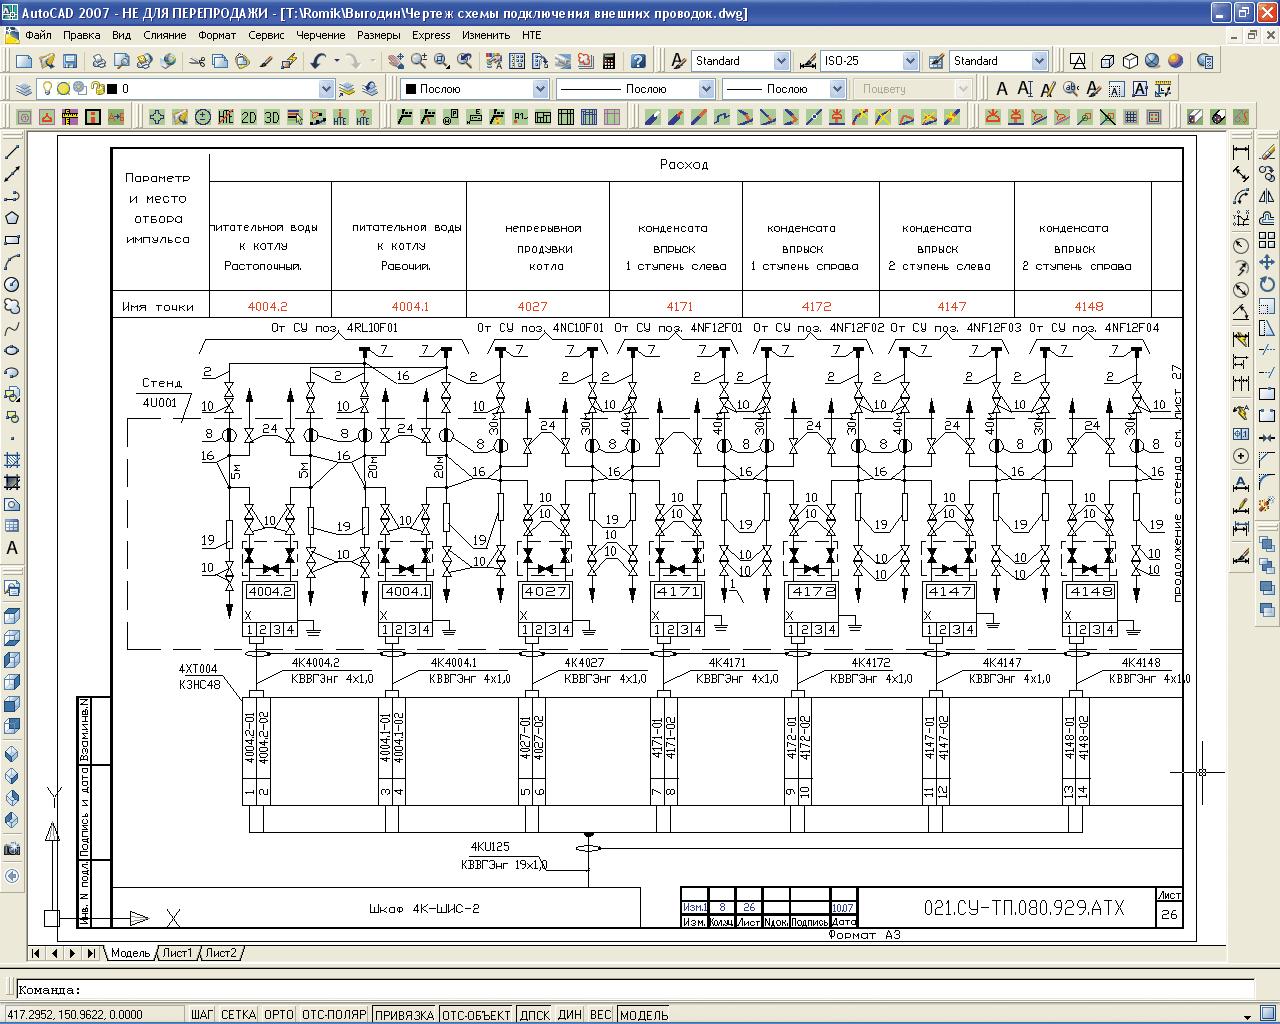 Схема внешних соединений проводок